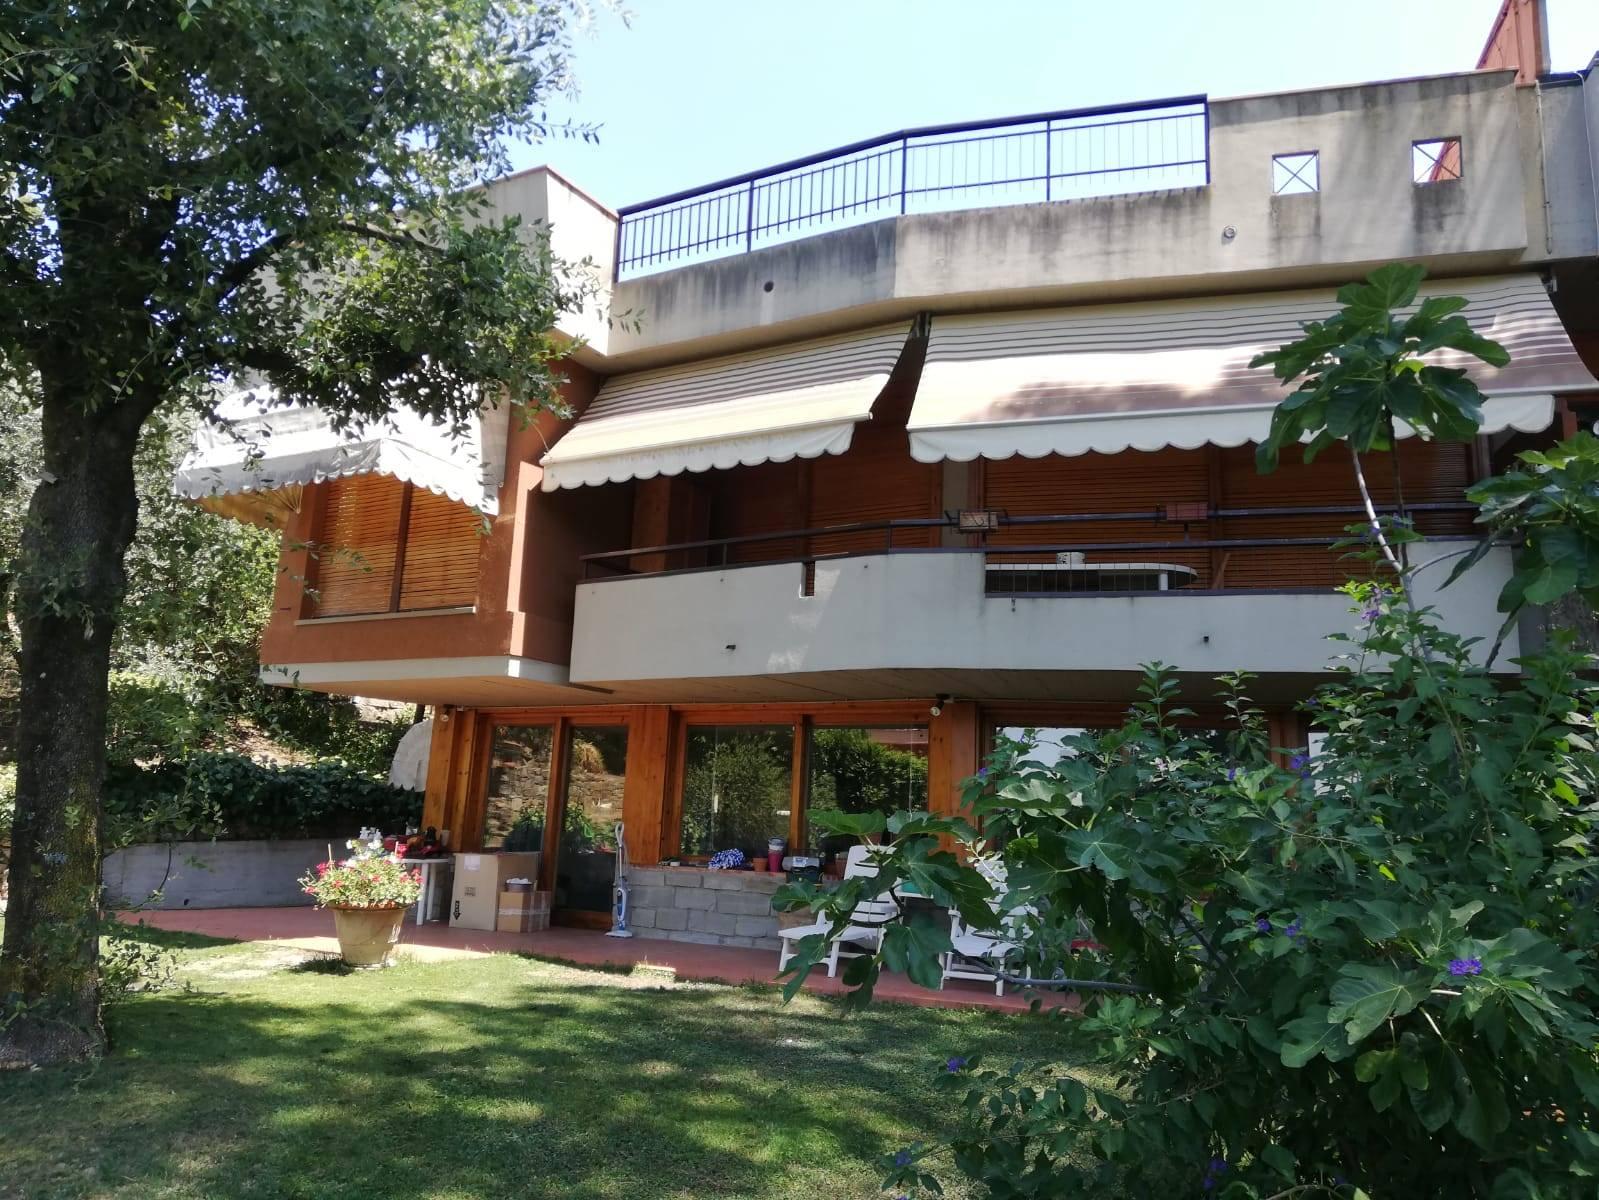 Villa moderna bifamiliare ristrutturata completamente di circa 350 mq con enormi vetrate situata all interno di un condominio tutto videosorvegliato